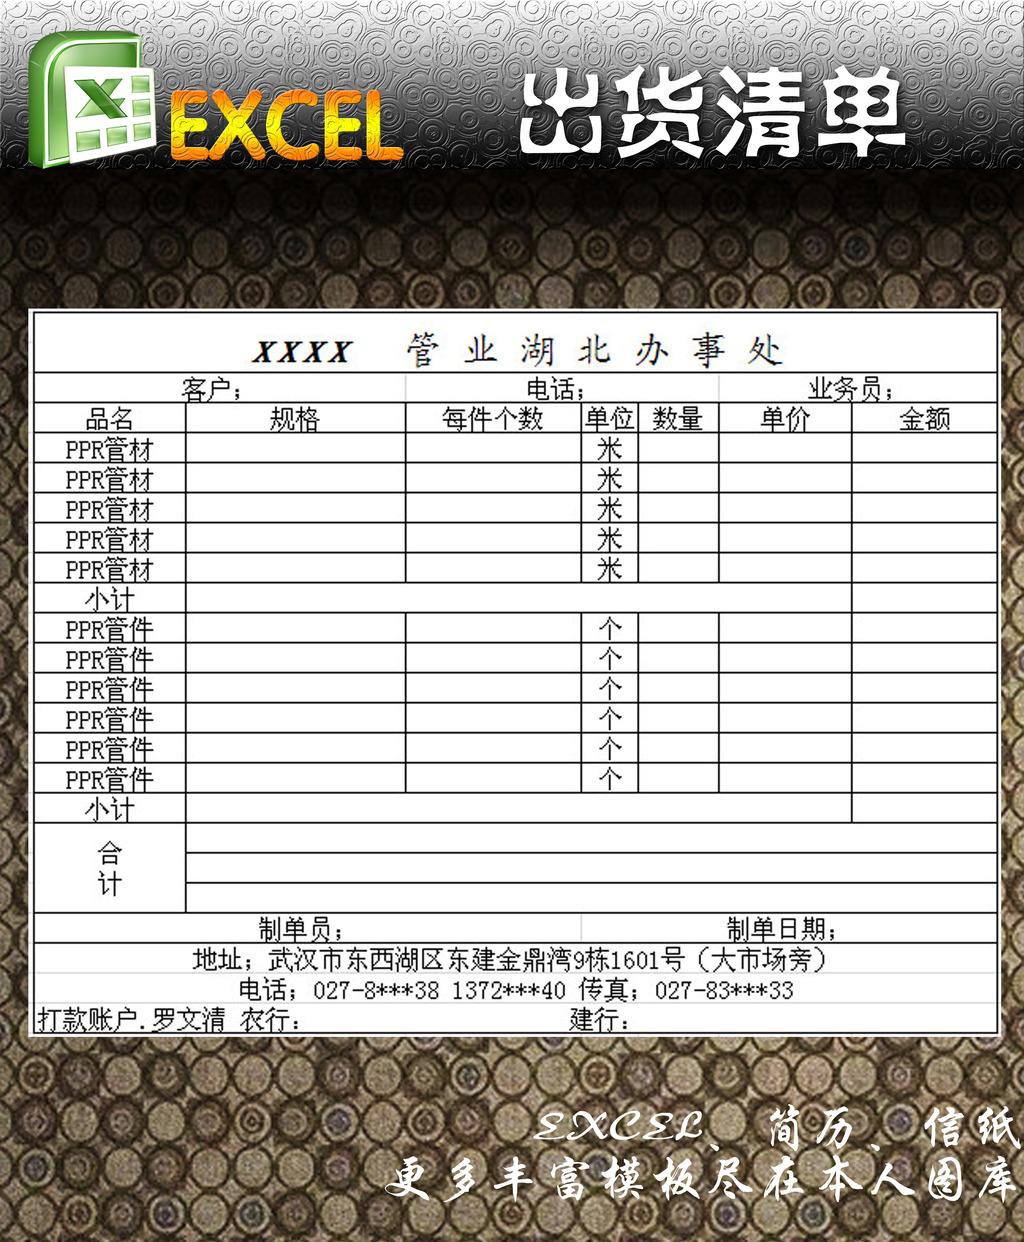 excel表格 excel模板 出货单